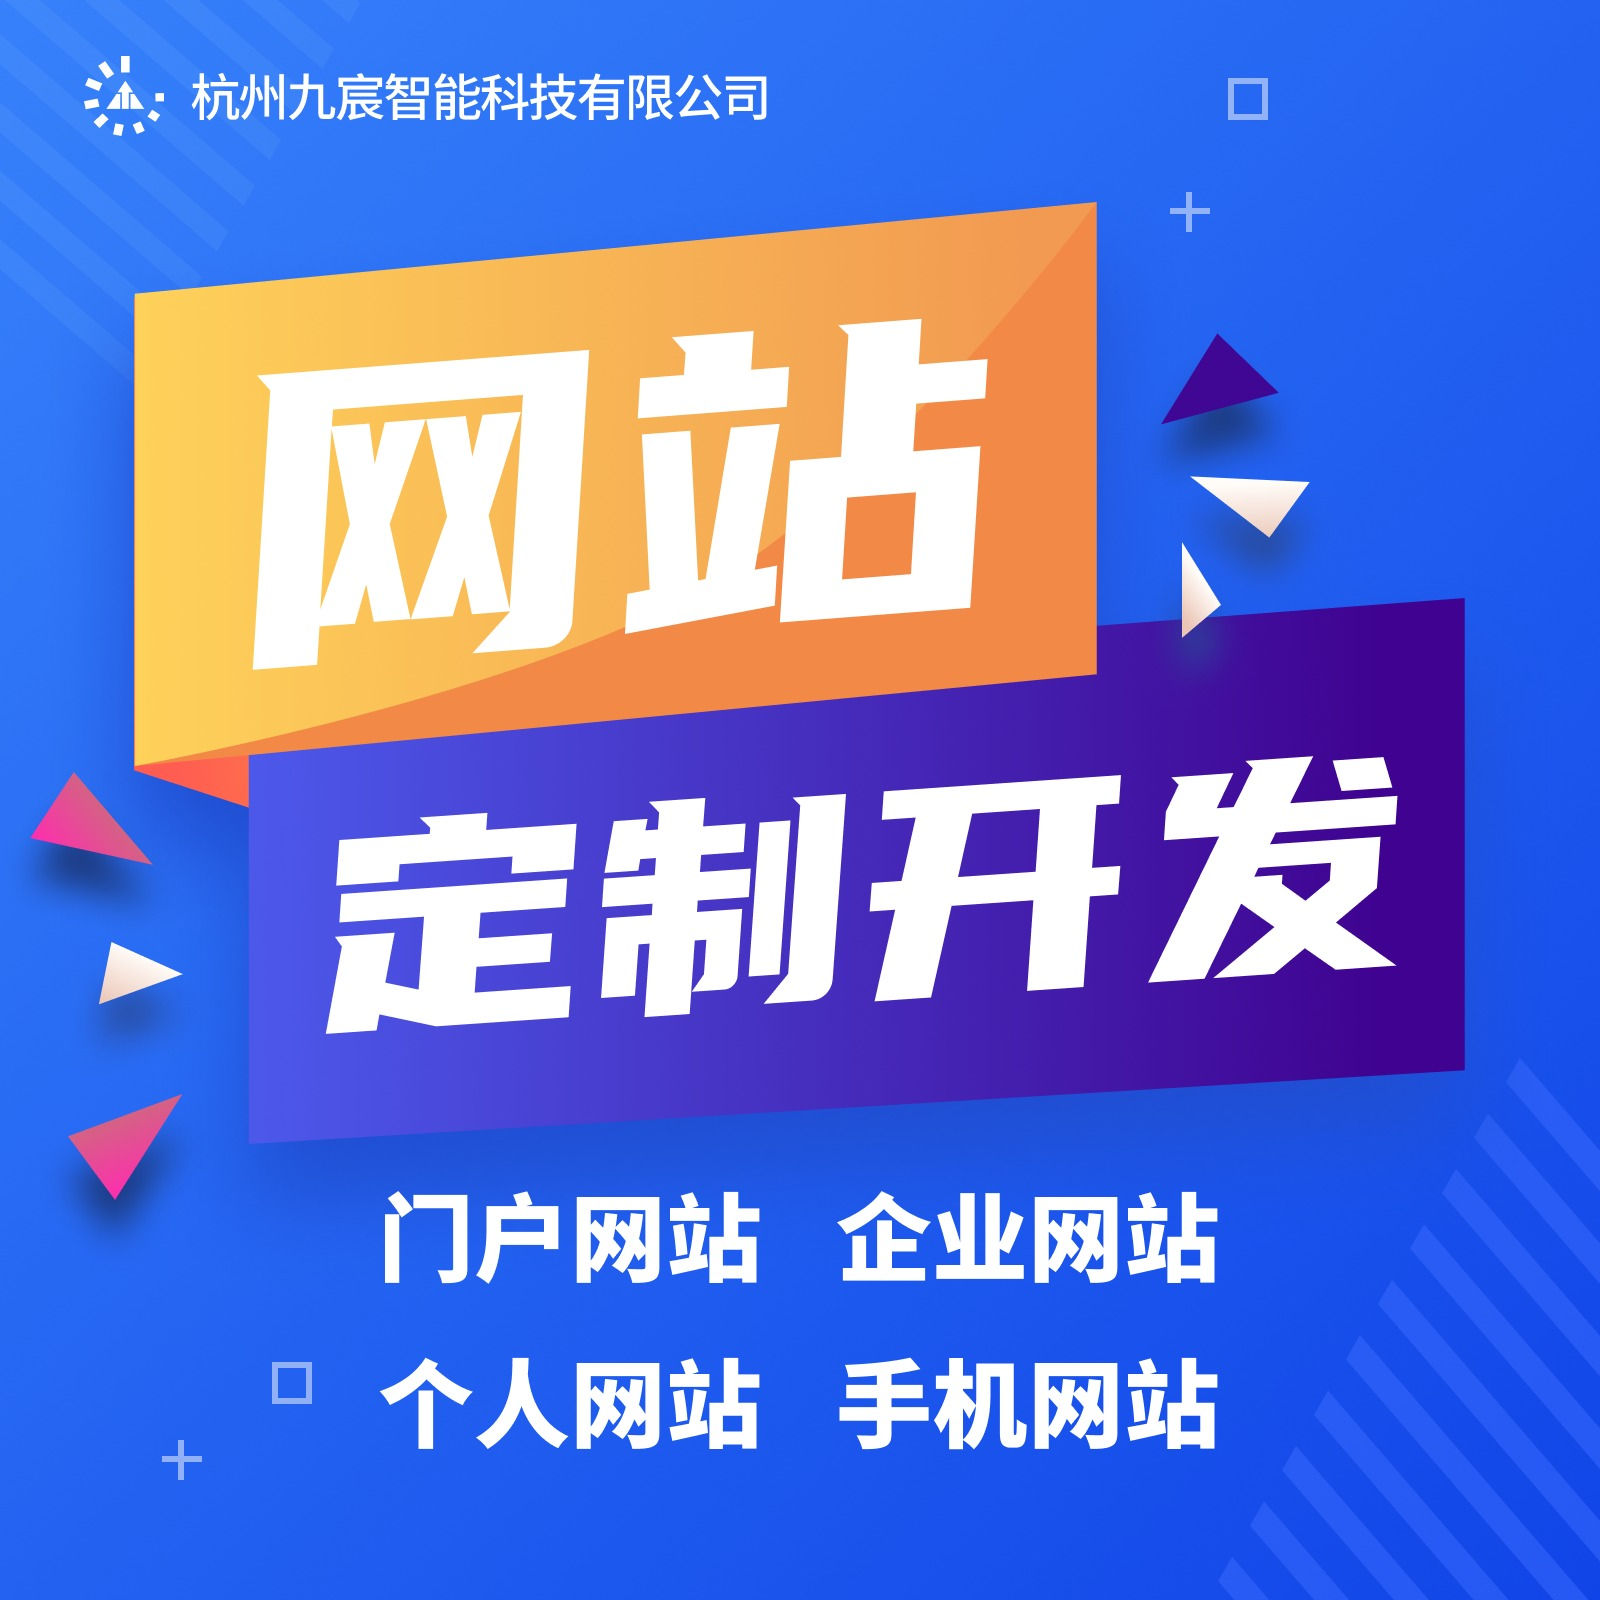 B2B|B2C|外贸网站网站建设|跨境电商网站开发软件开发